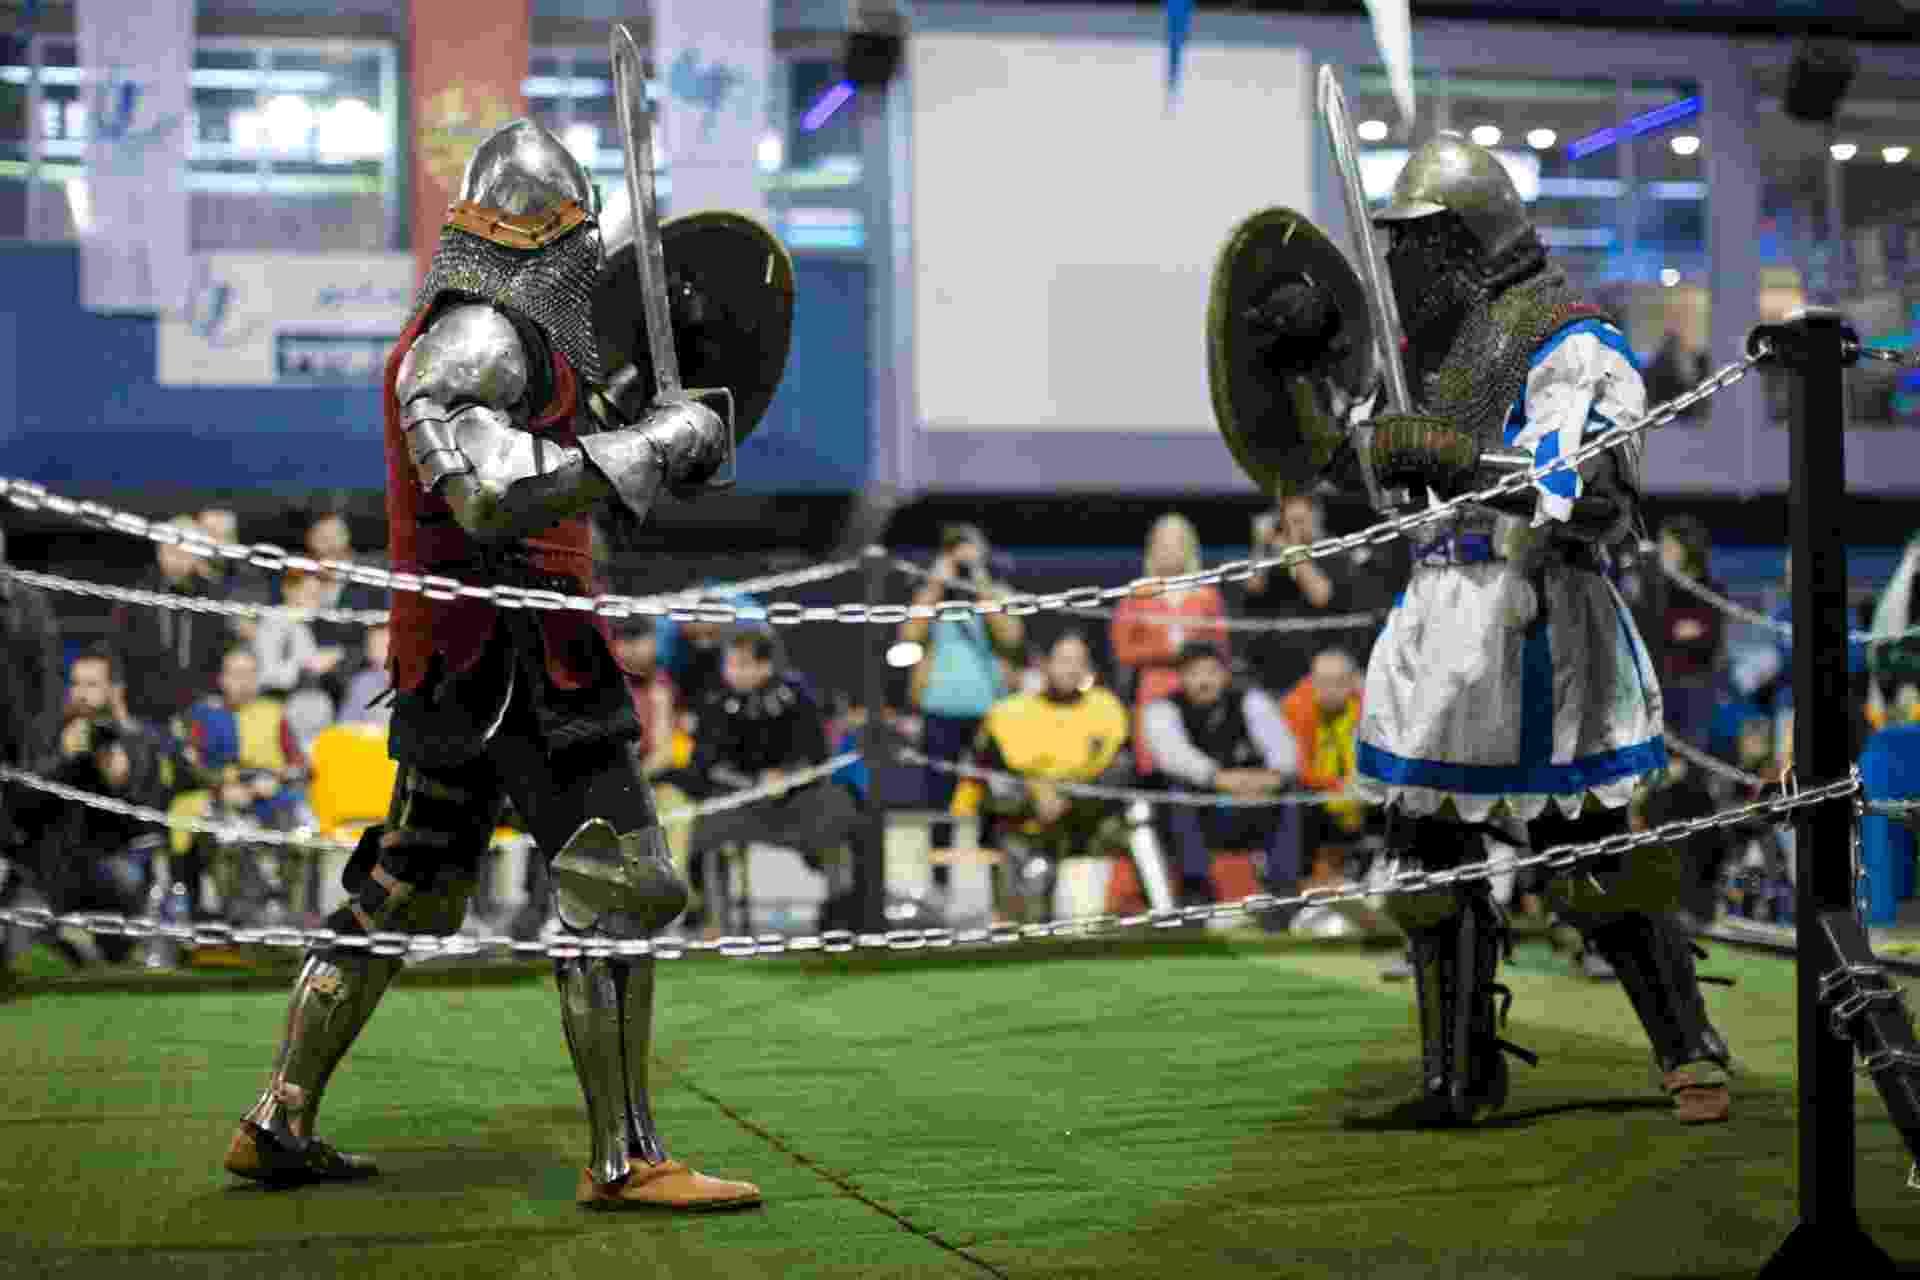 23.jan.2016 - Você já ouviu falar de um Campeonato Mundial de Luta Medieval? Pois é, ele existe. Inclusive, a terceira edição começou neste sábado em Tel Aviv, Israel, com cenas como a desta foto, na qual duas pessoas fantasiadas de cavaleiros se enfrentam em um ringue - Abir Sultan/EPA/EFE